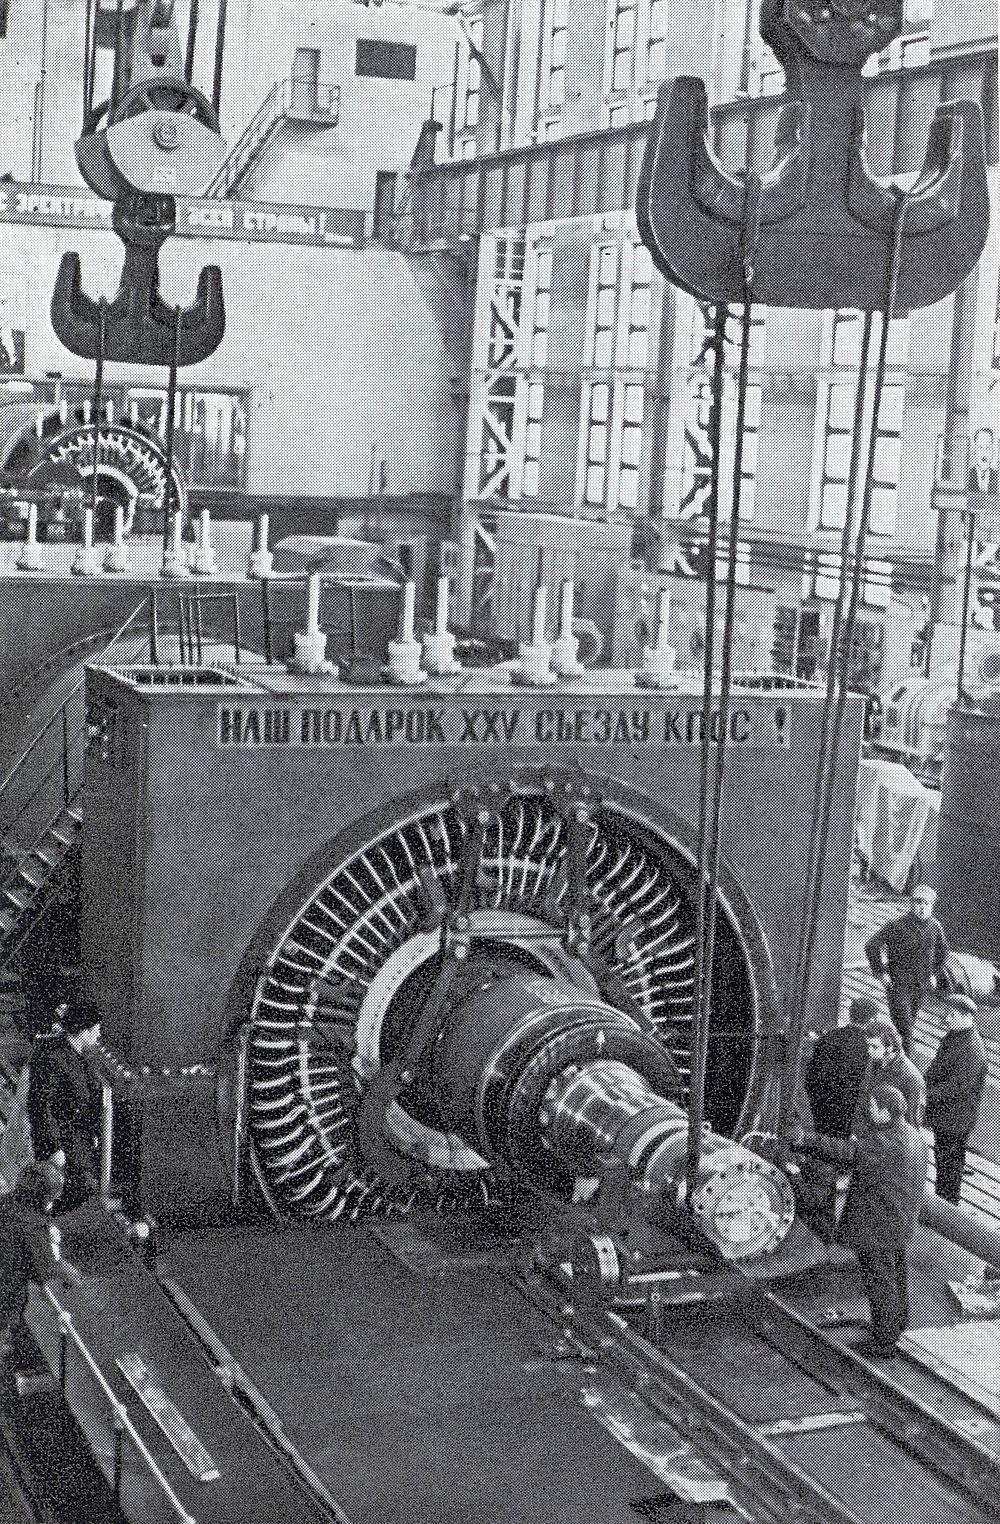 Турбогенератор мощностью 1200 тыс. кВт на испытательном стенде